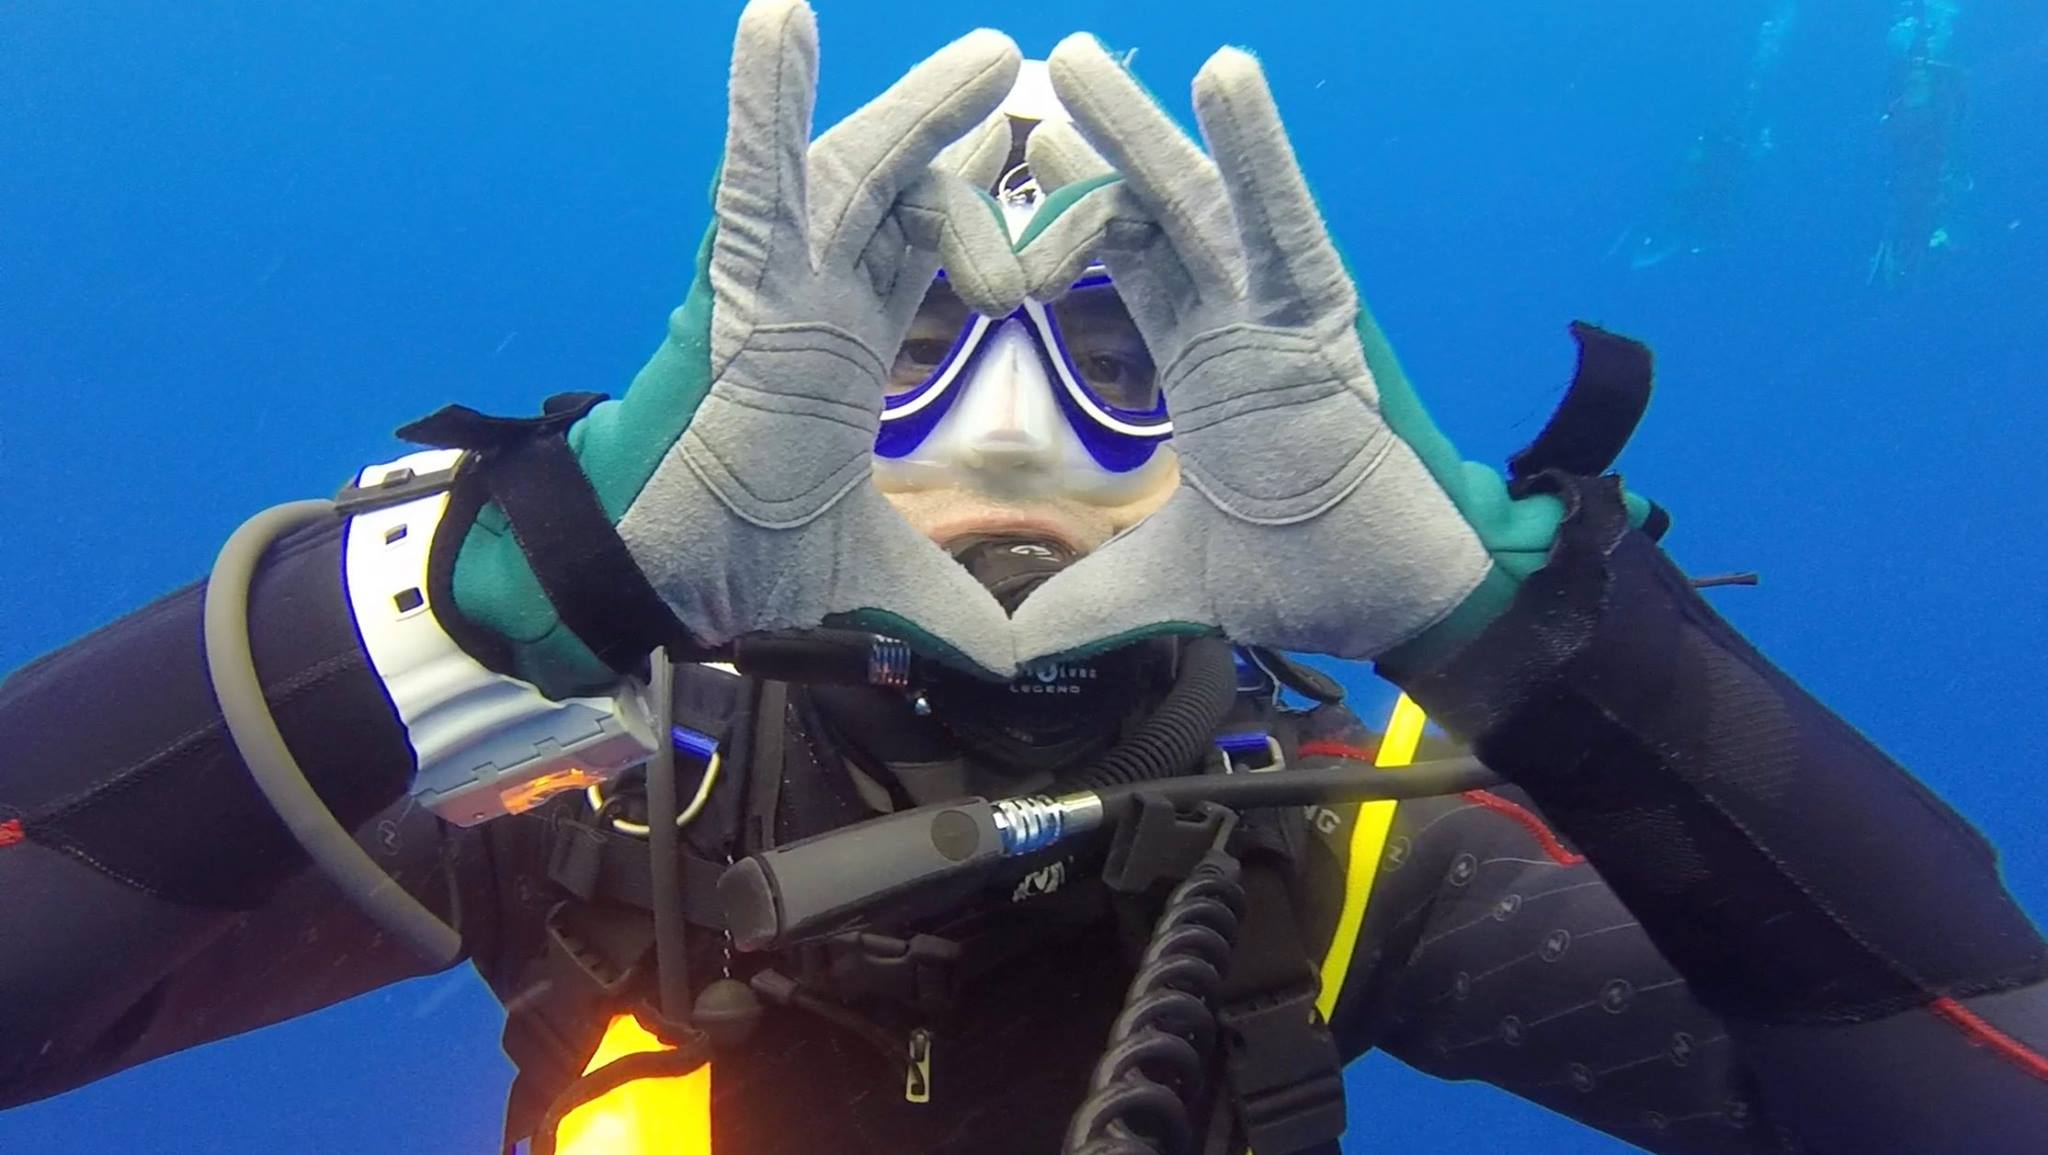 Paul Maury, plongeur passionnée, créateur de la page Facebook La Beauté de la Plongée